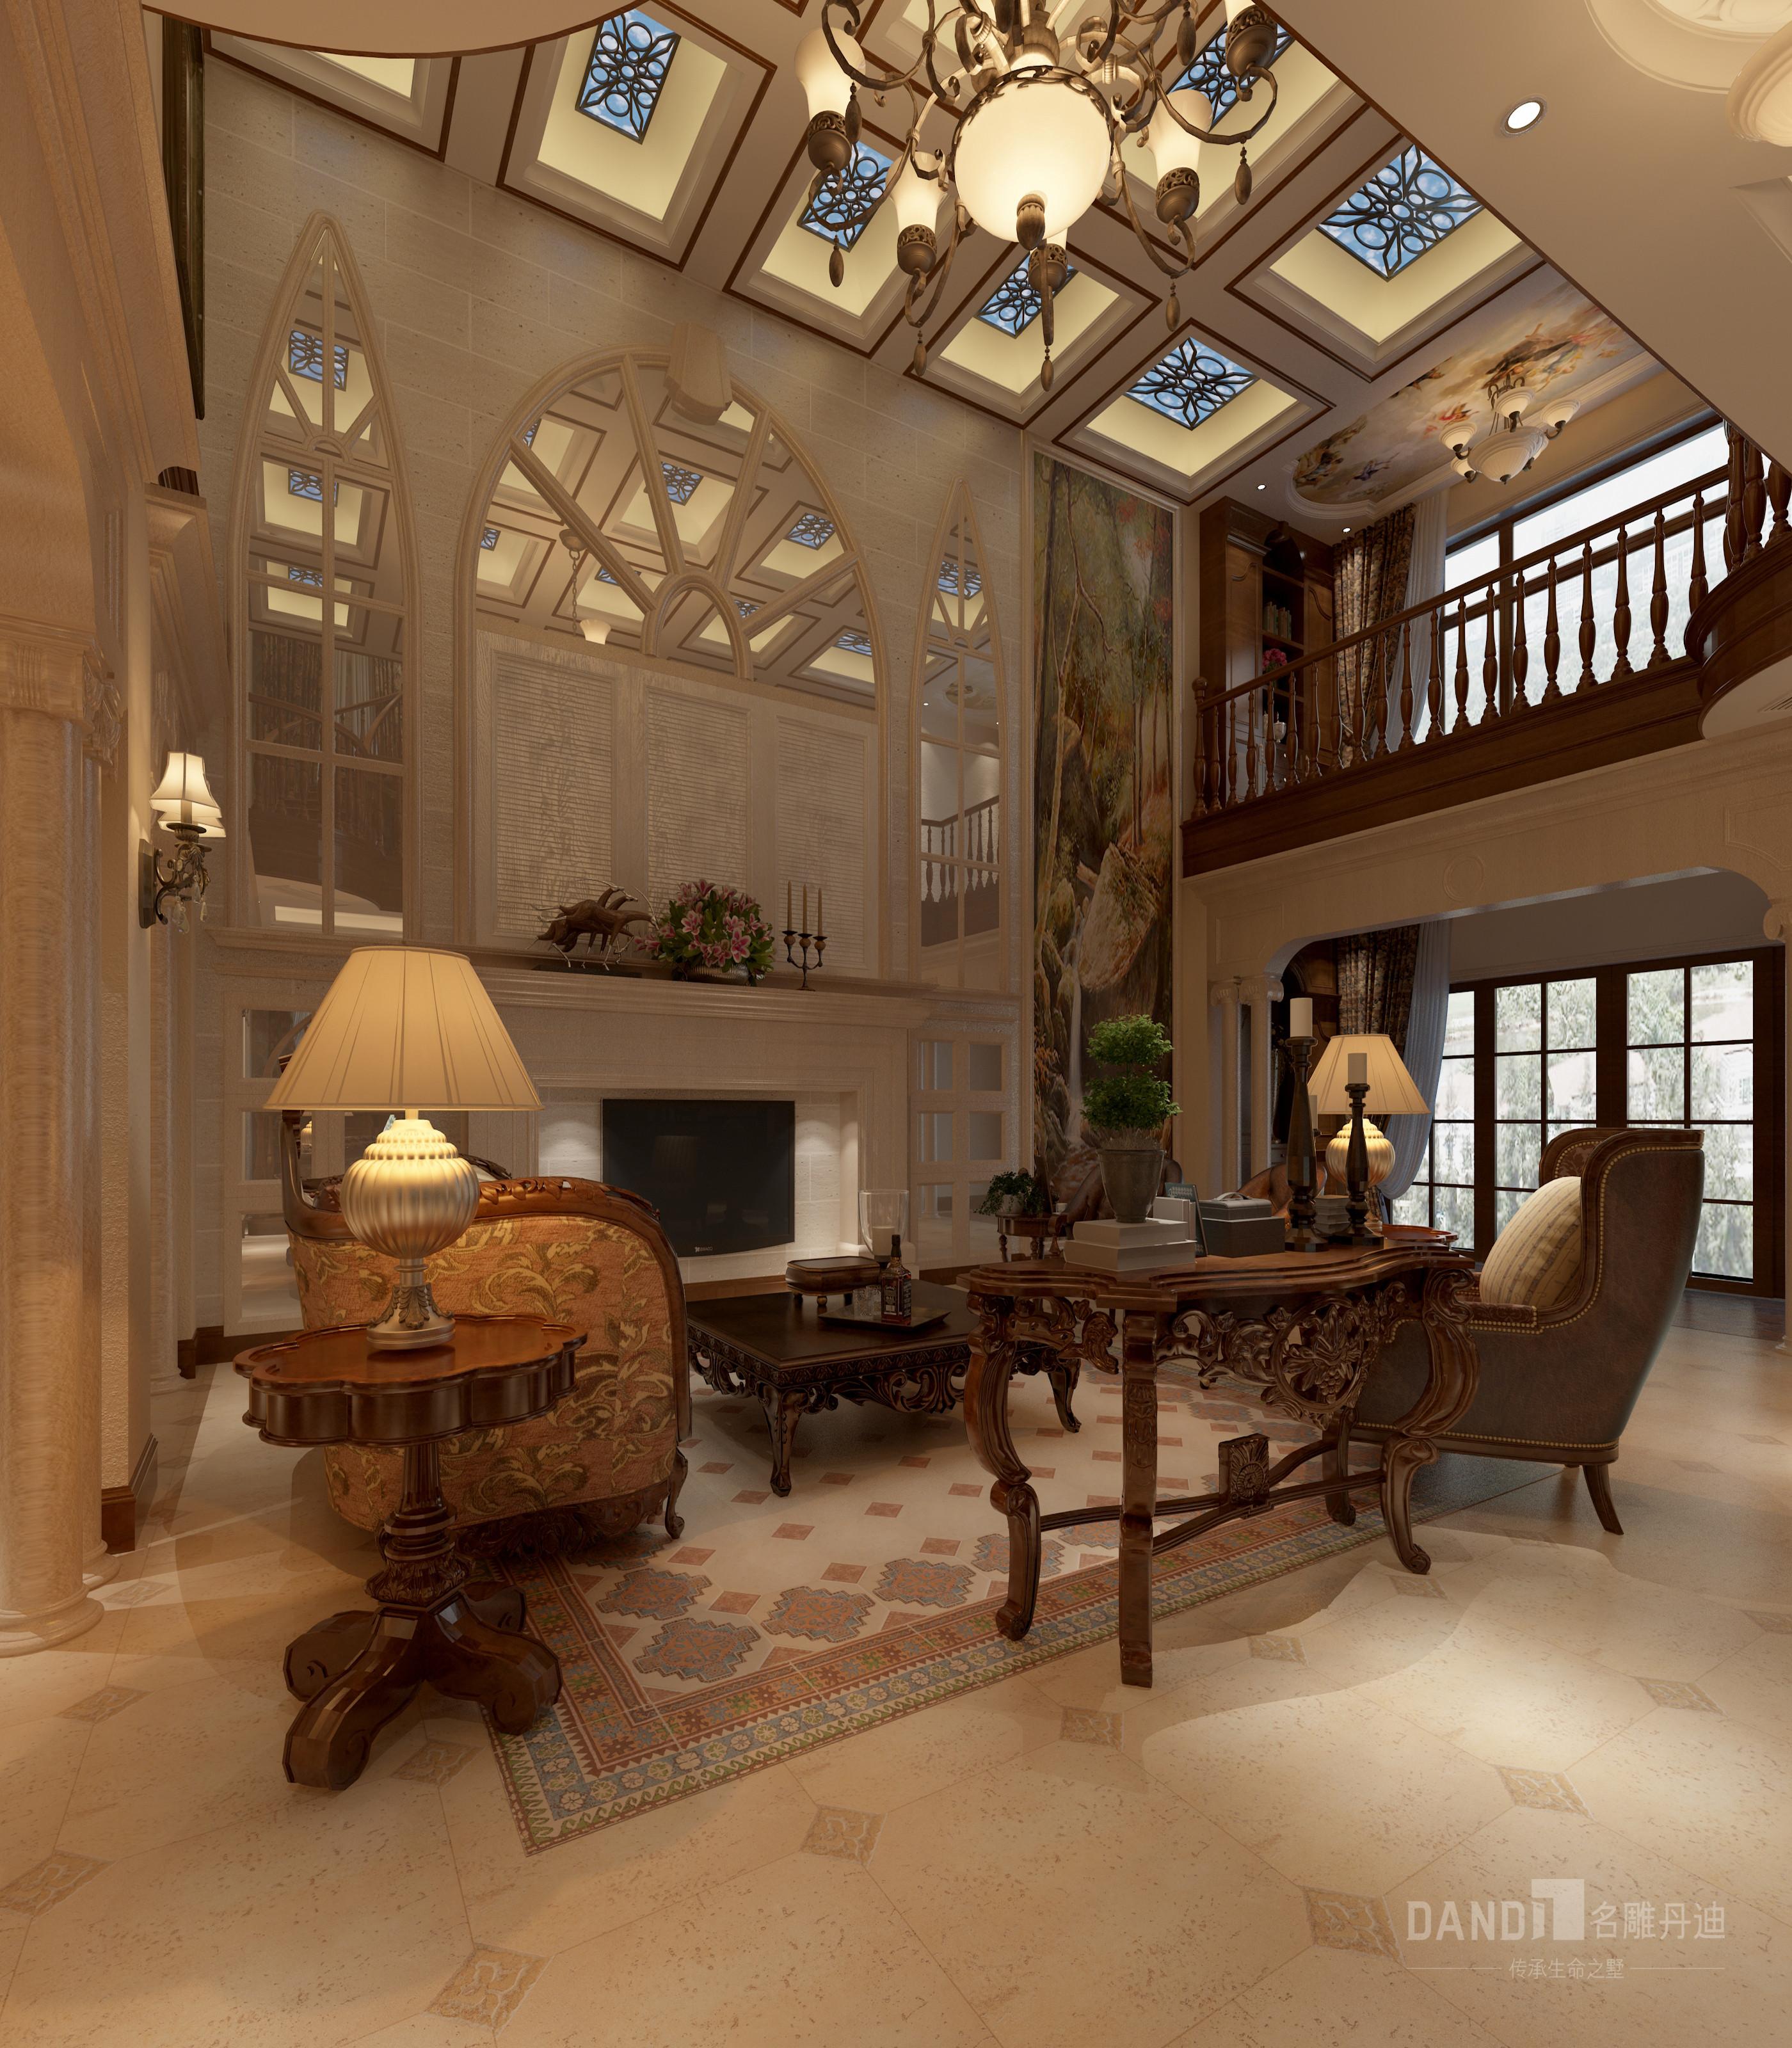 欧式 别墅 白领 客厅图片来自名雕丹迪在万科璞悦山新古典风格别墅的分享